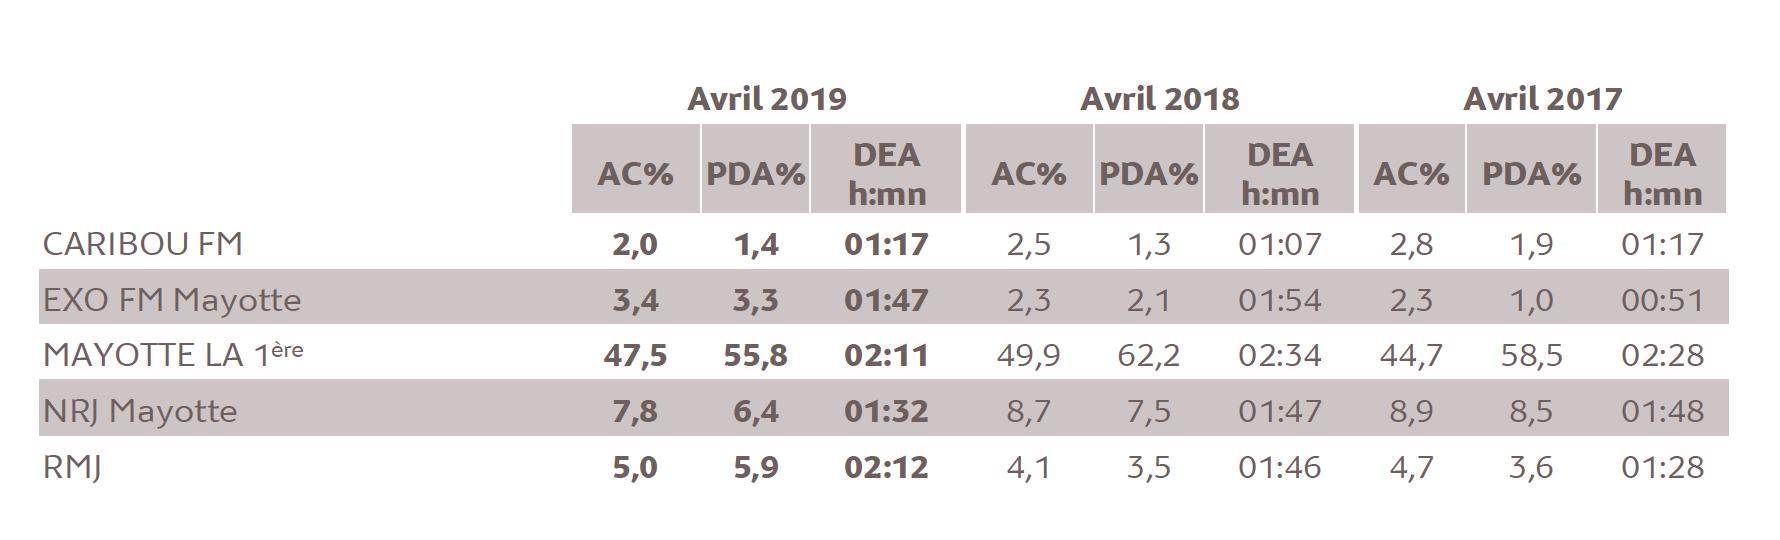 Source : Médiamétrie - Etude ad hoc Mayotte - Avril 2019 - Copyright Médiamétrie - Tous droits réservés